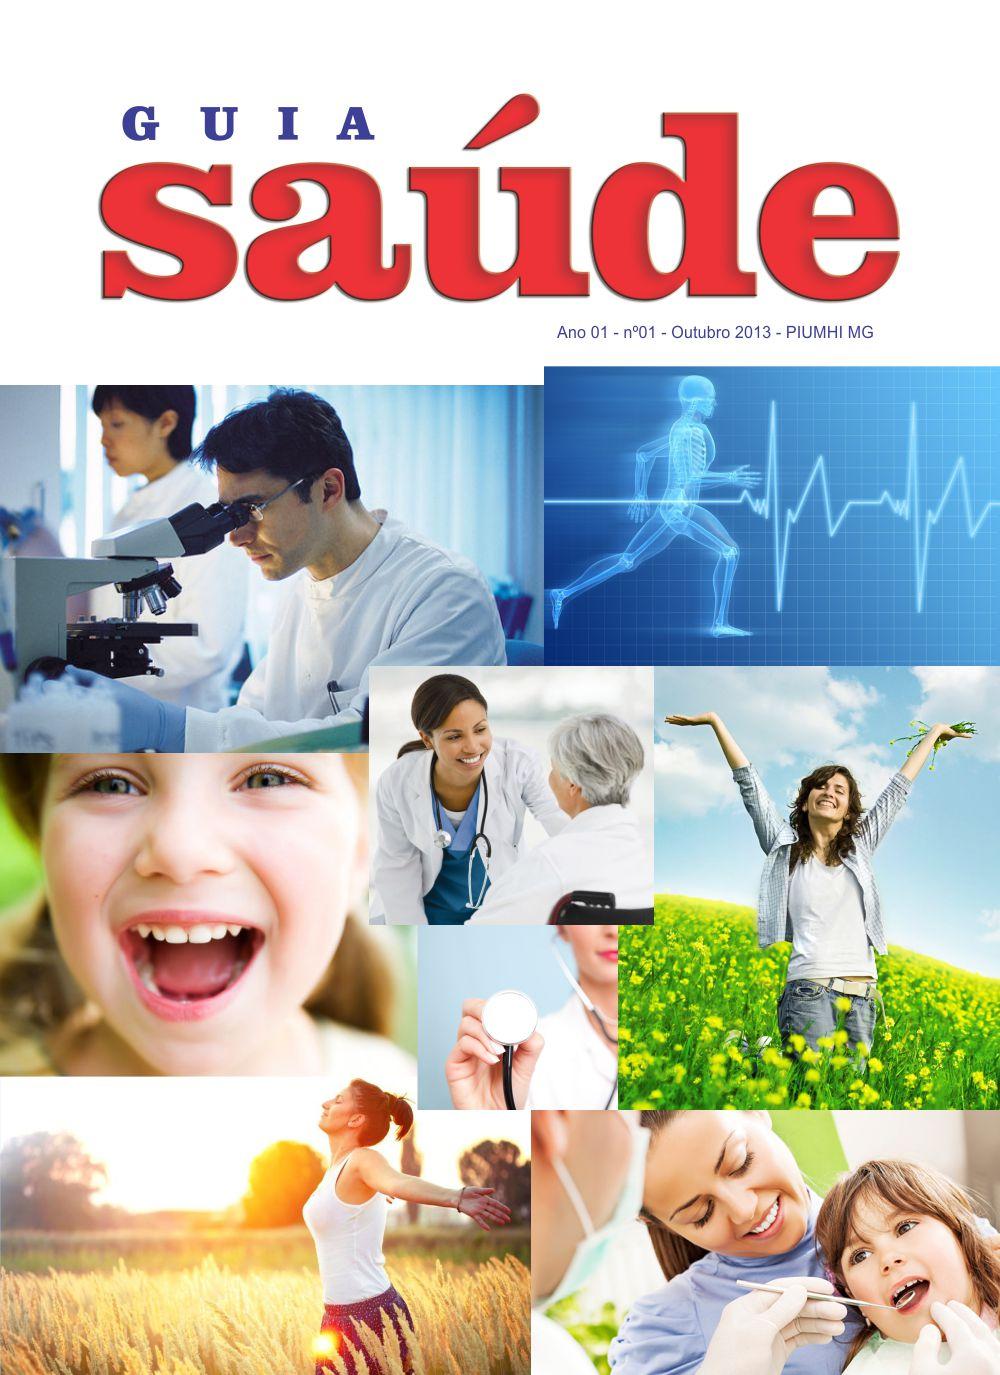 Guia Saúde 2013